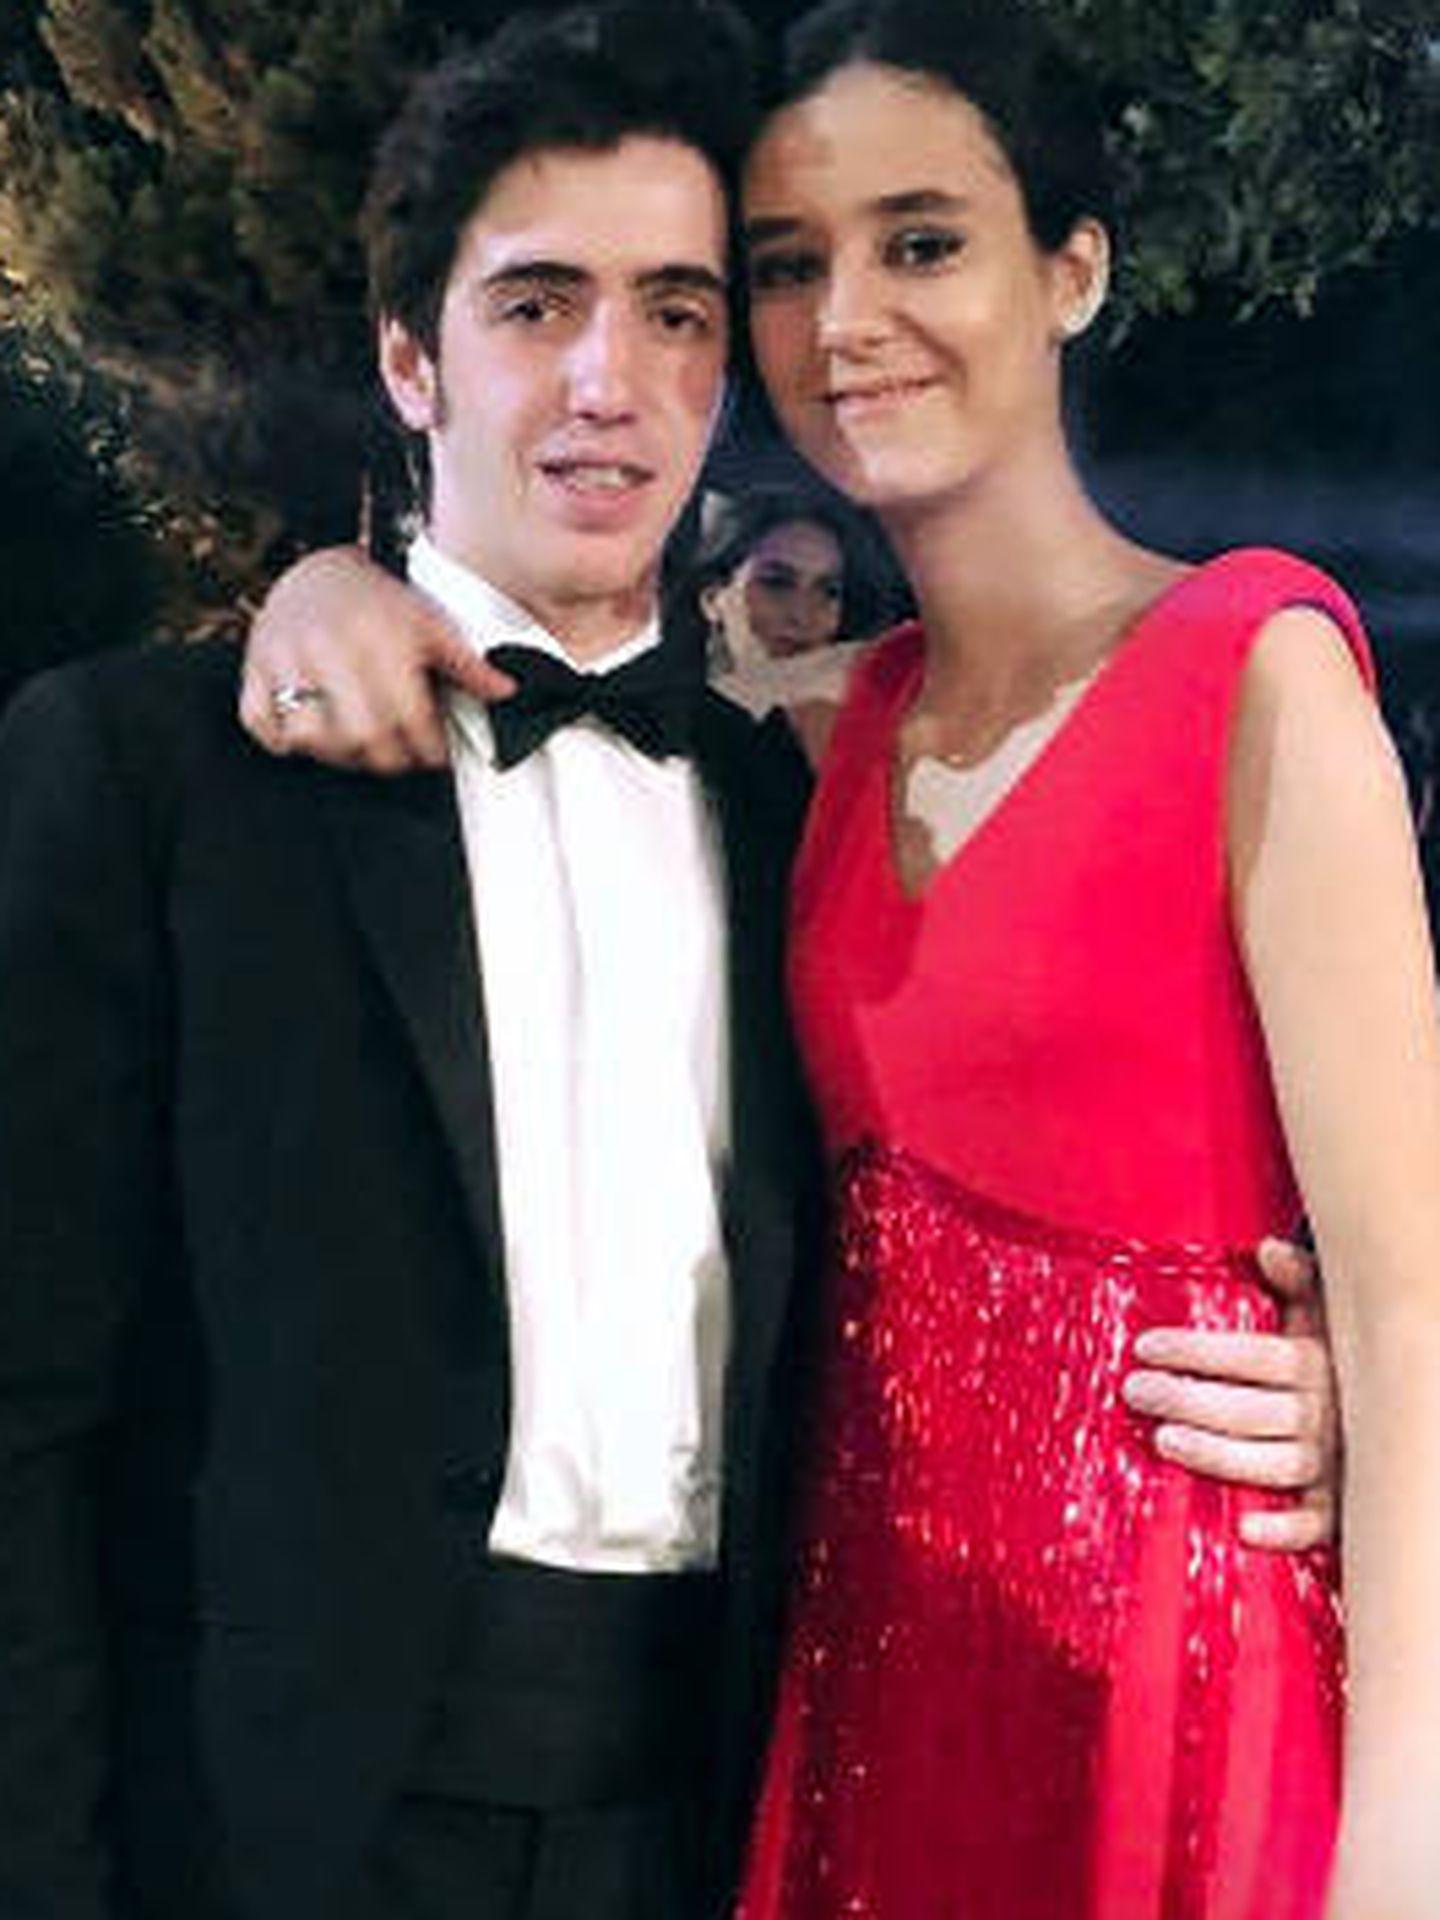 Victoria Federica y Carlos Ochoa en la fiesta. (@ochoa_carlitos)